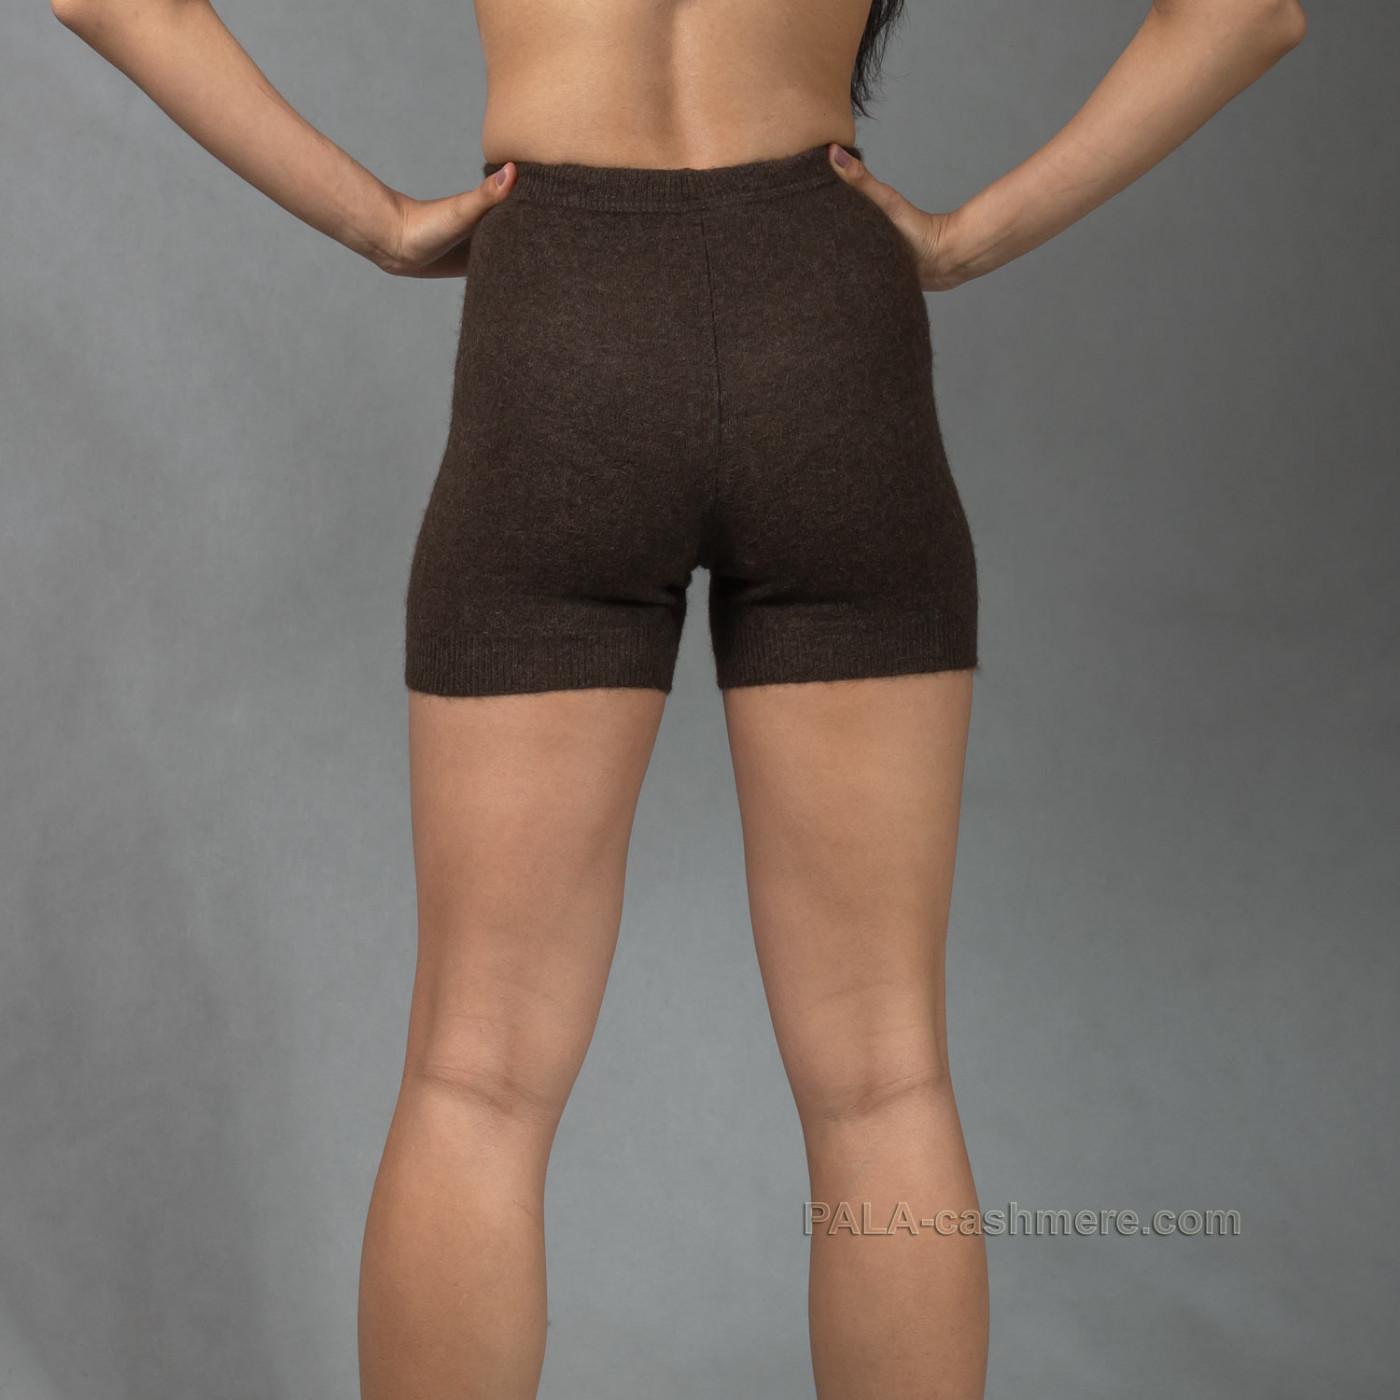 Короткие шорты из шерсти яка